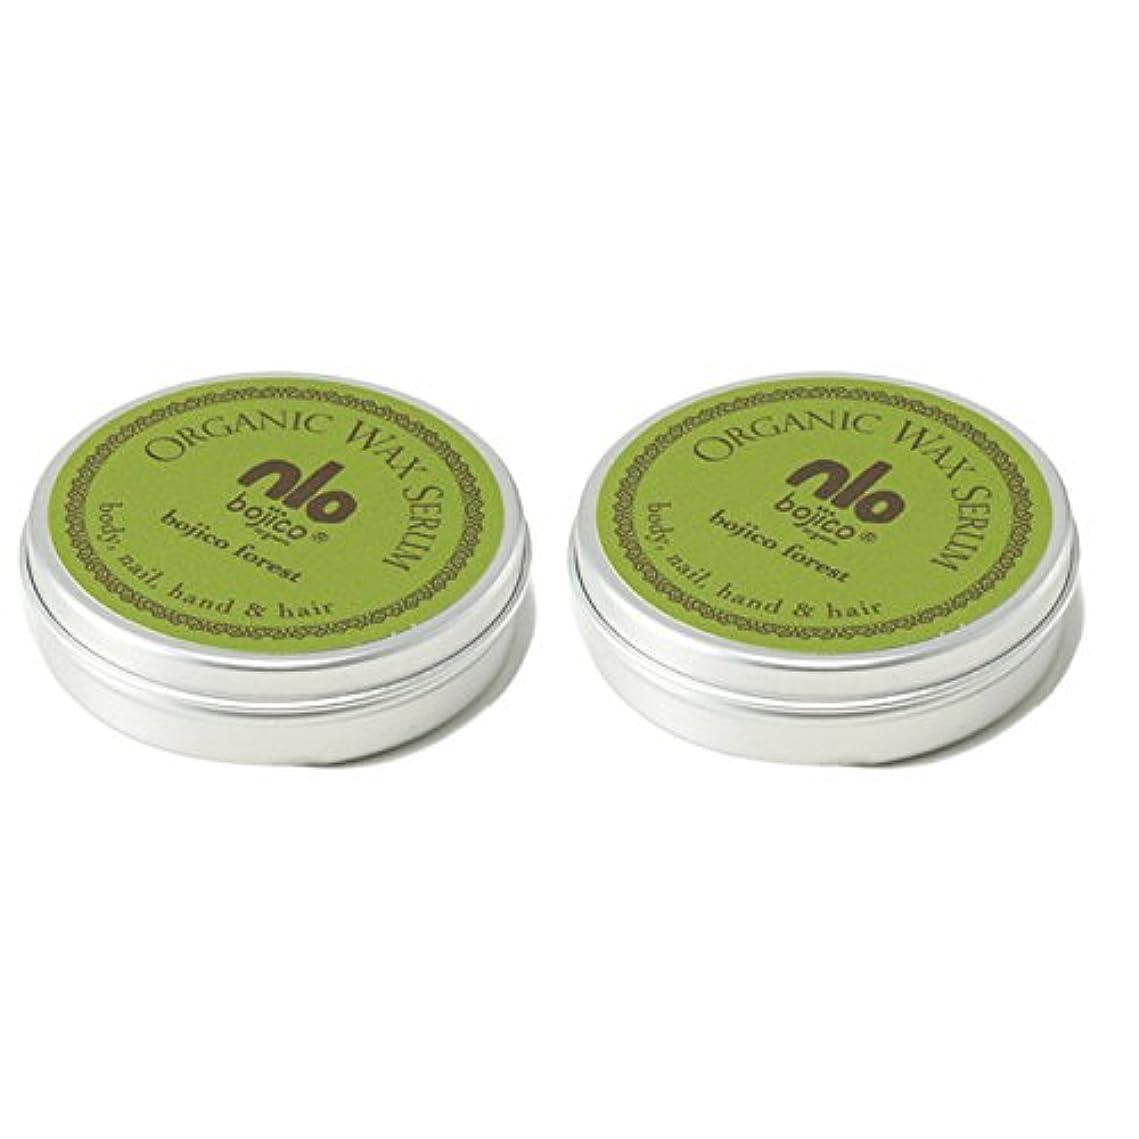 誘惑する正当な神学校【40g×2個セット】 ボジコ オーガニック ワックス セラム <フォレスト> bojico Organic Wax Serum 40g×2